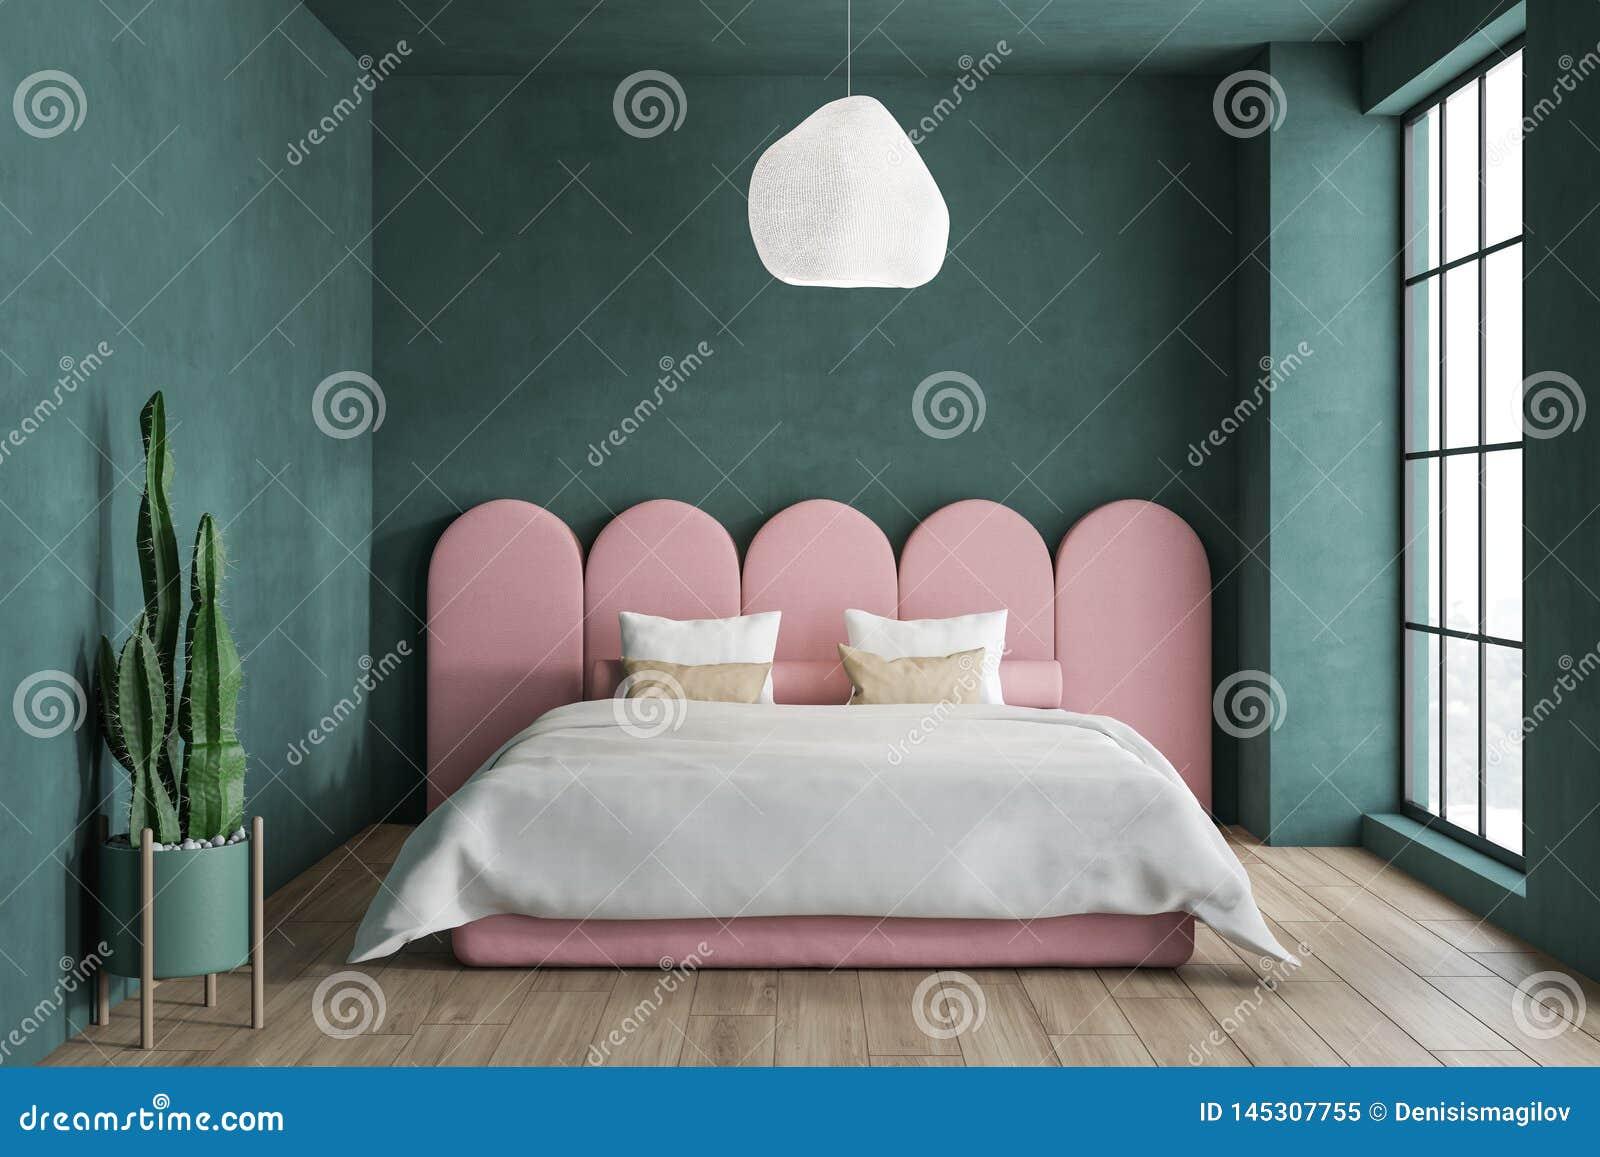 Vert De Minimalistic Et Chambre ? Coucher Rose Illustration Stock ...